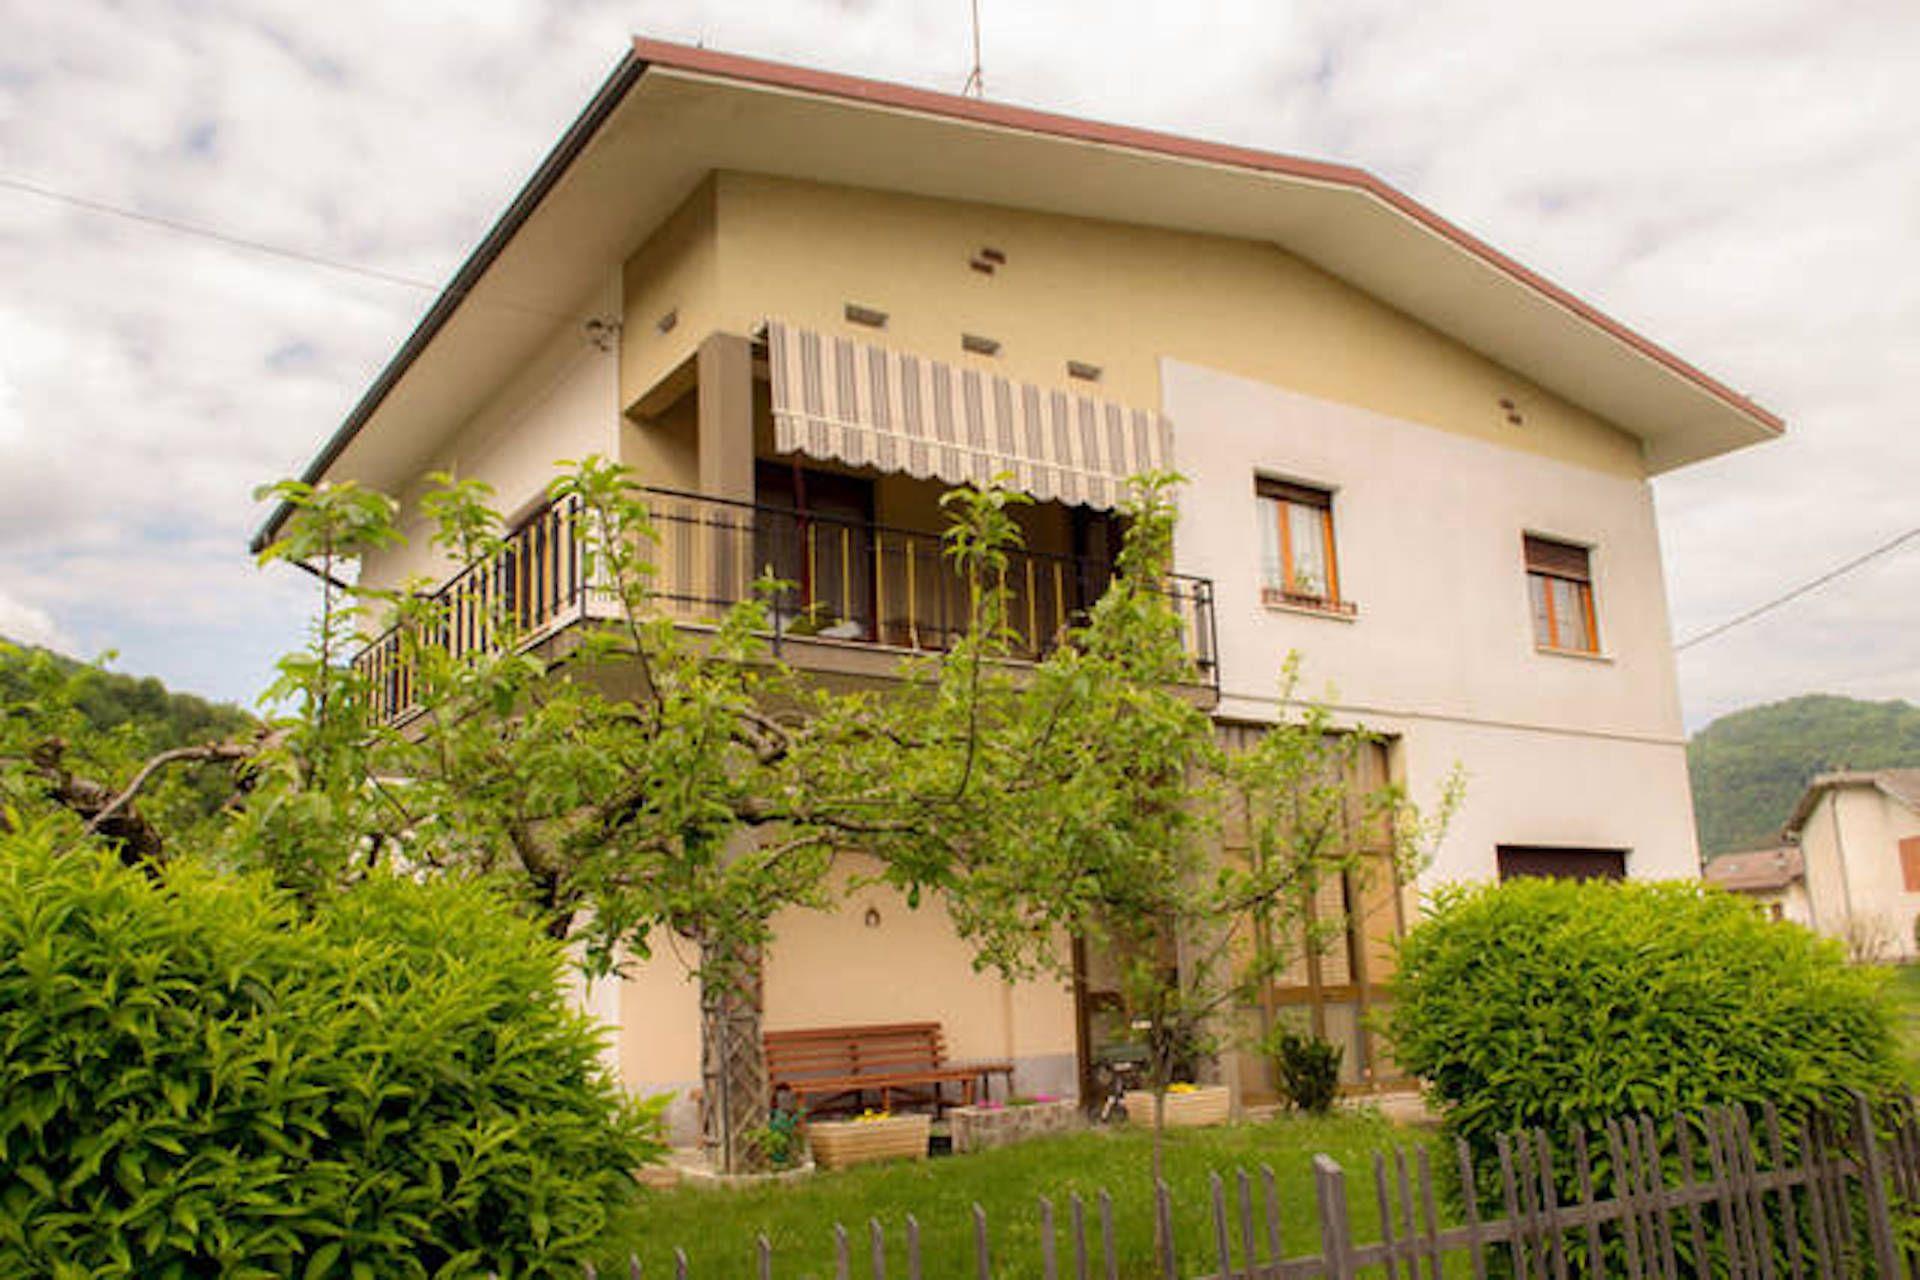 Villa in Feltre, celarda, holiday rentals